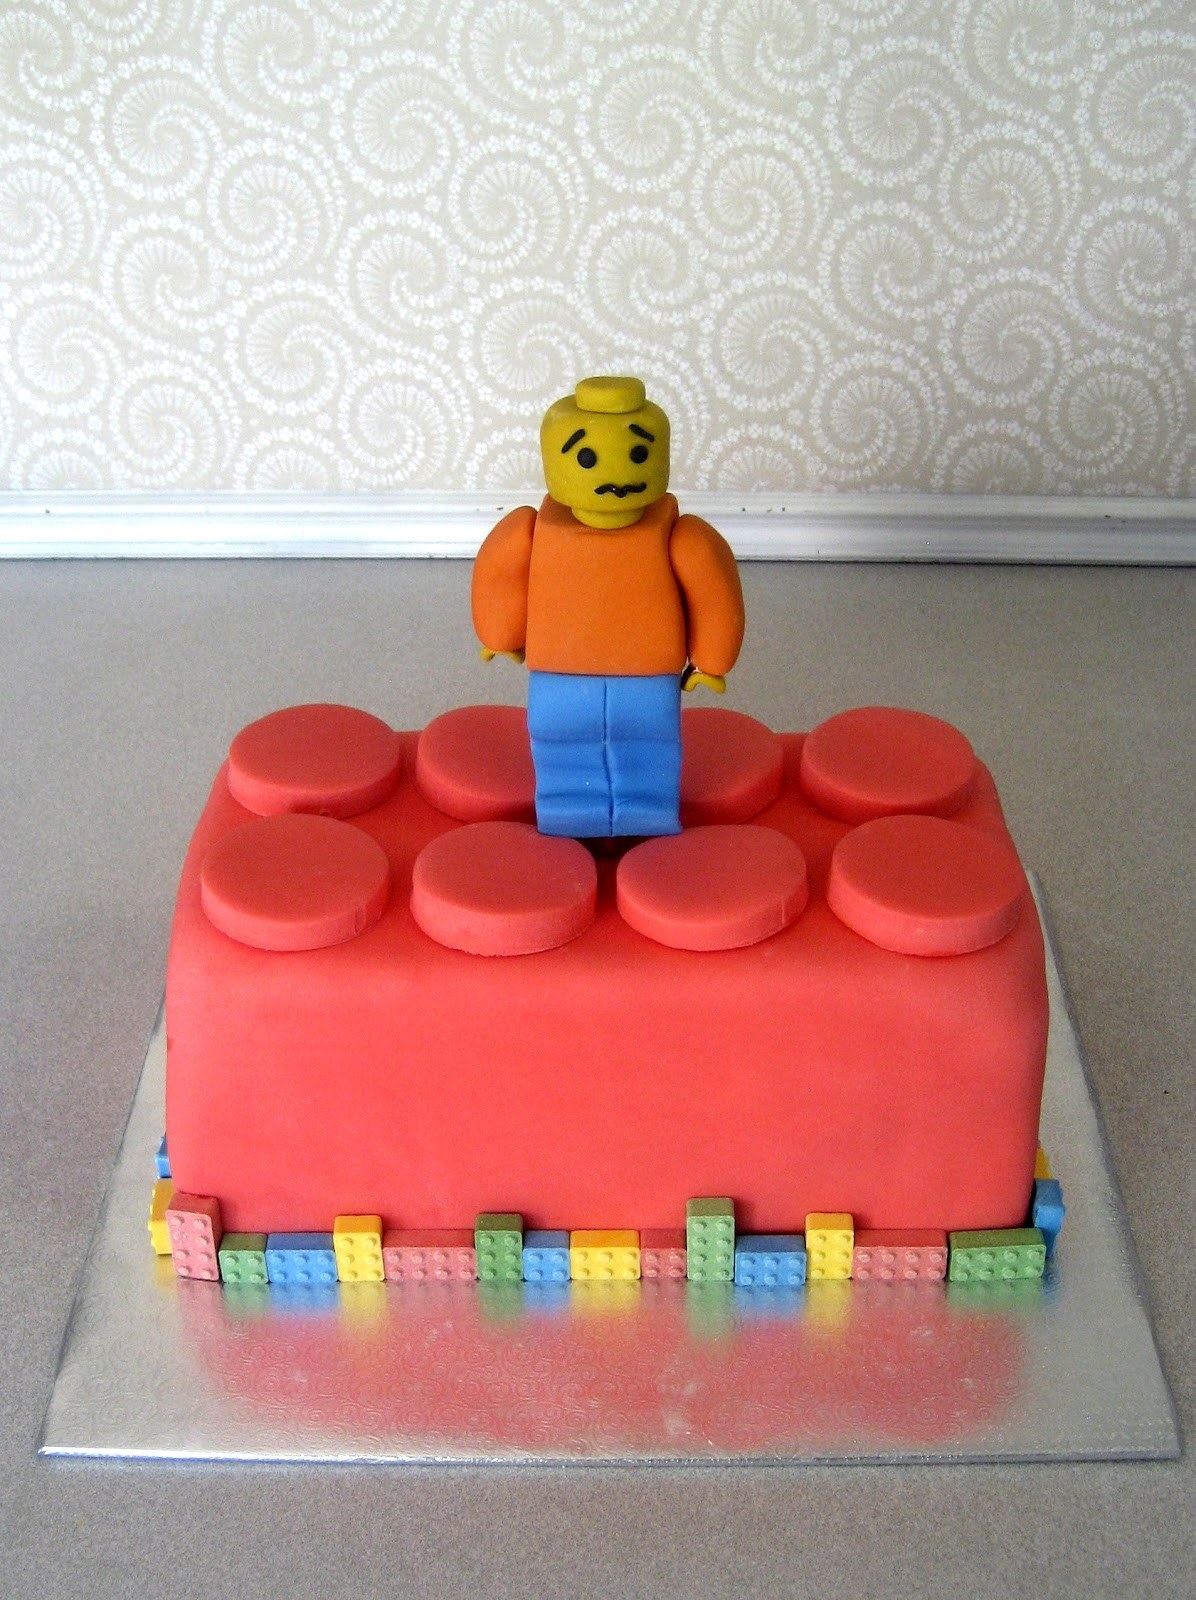 Cake Designs Lego : Devanys Designs: Lego Minifigure Cake